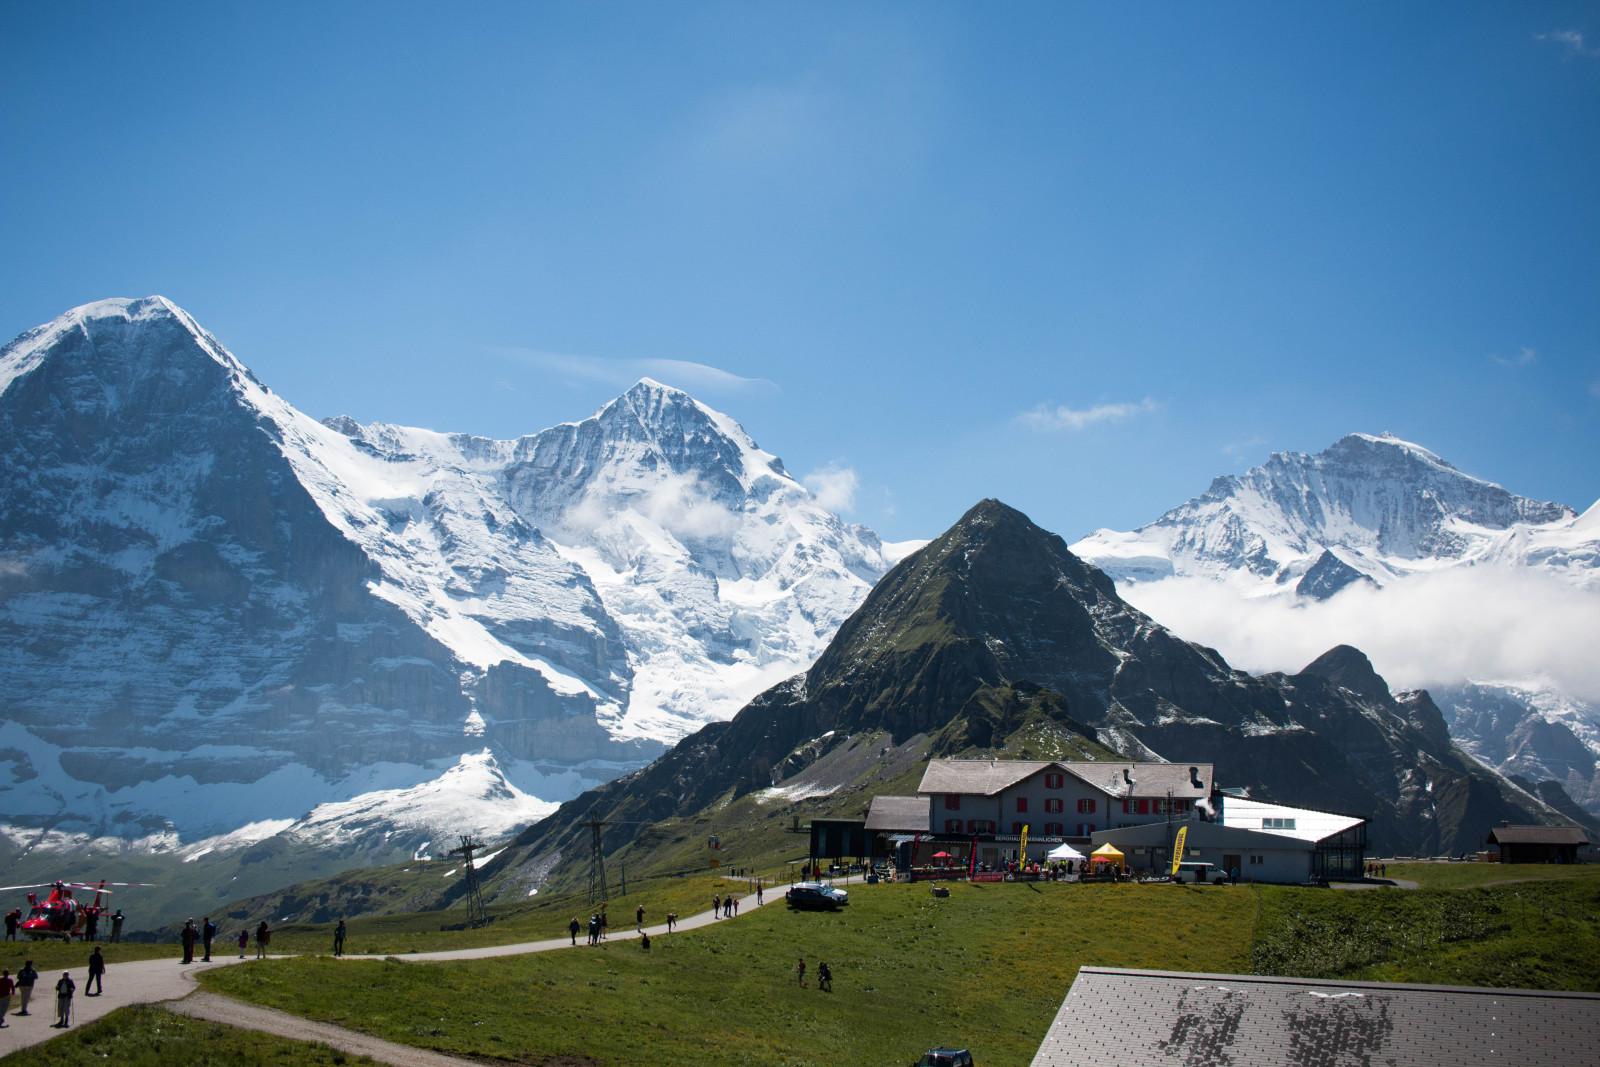 Eiger_Monch_Jungfrau